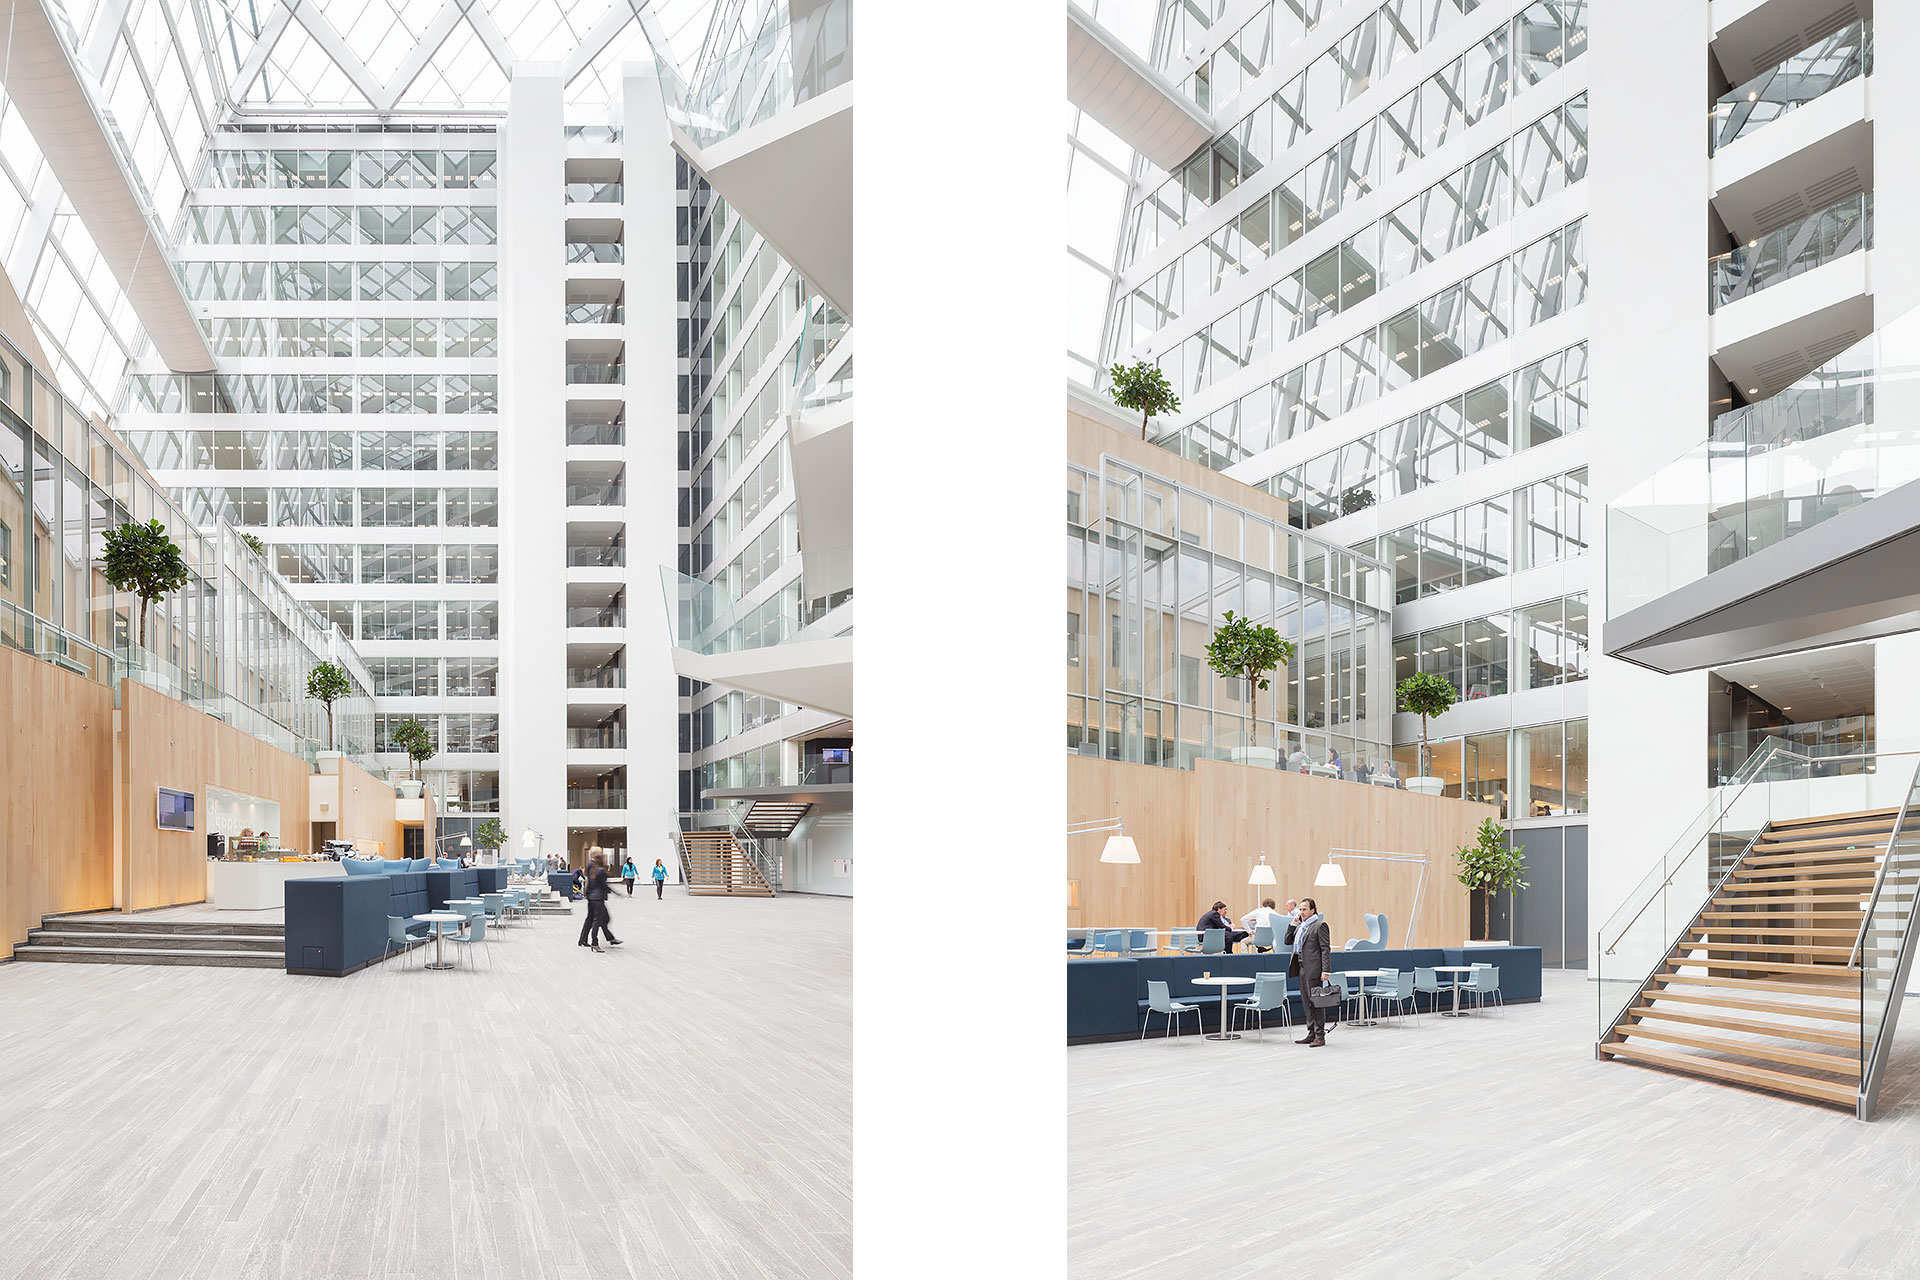 Architectuurfoto-The-Edge-Amsterdam-9